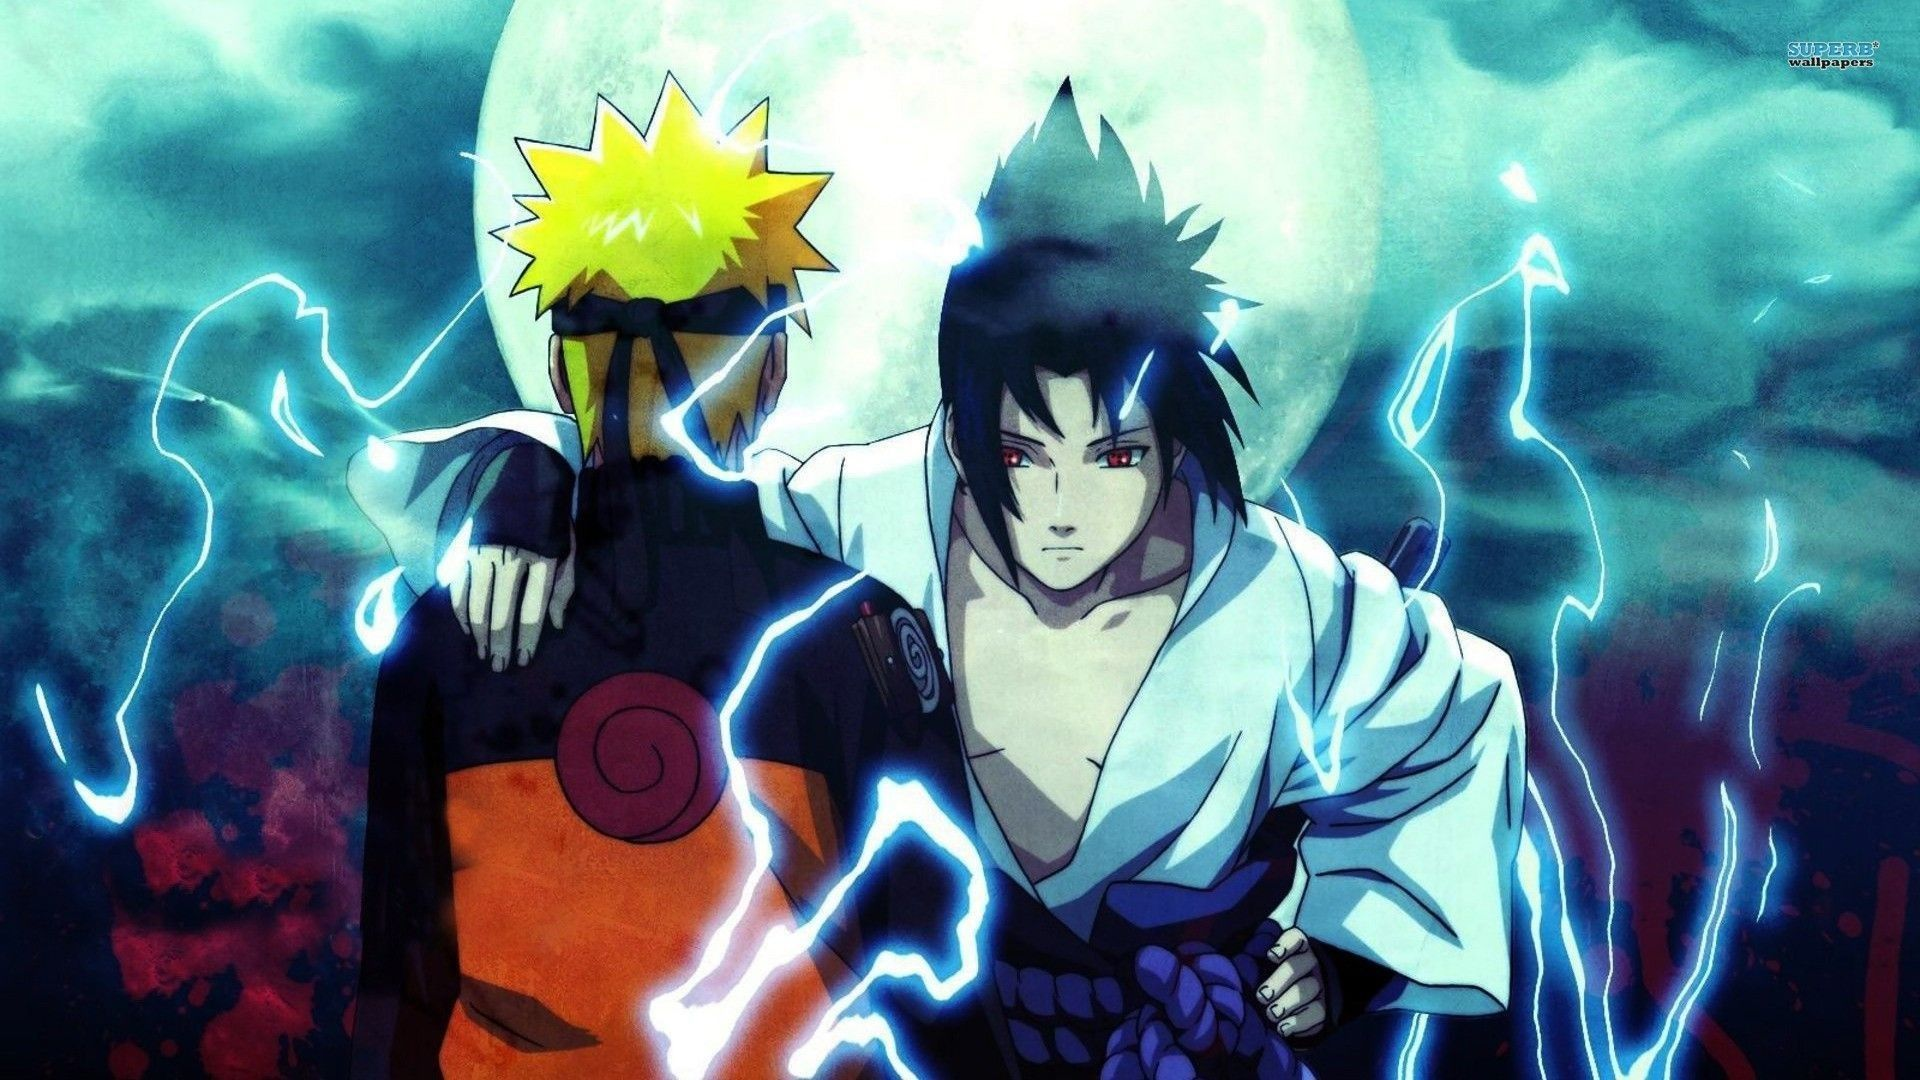 Naruto And Sasuke Wallpaper Hd Resolution > Flip